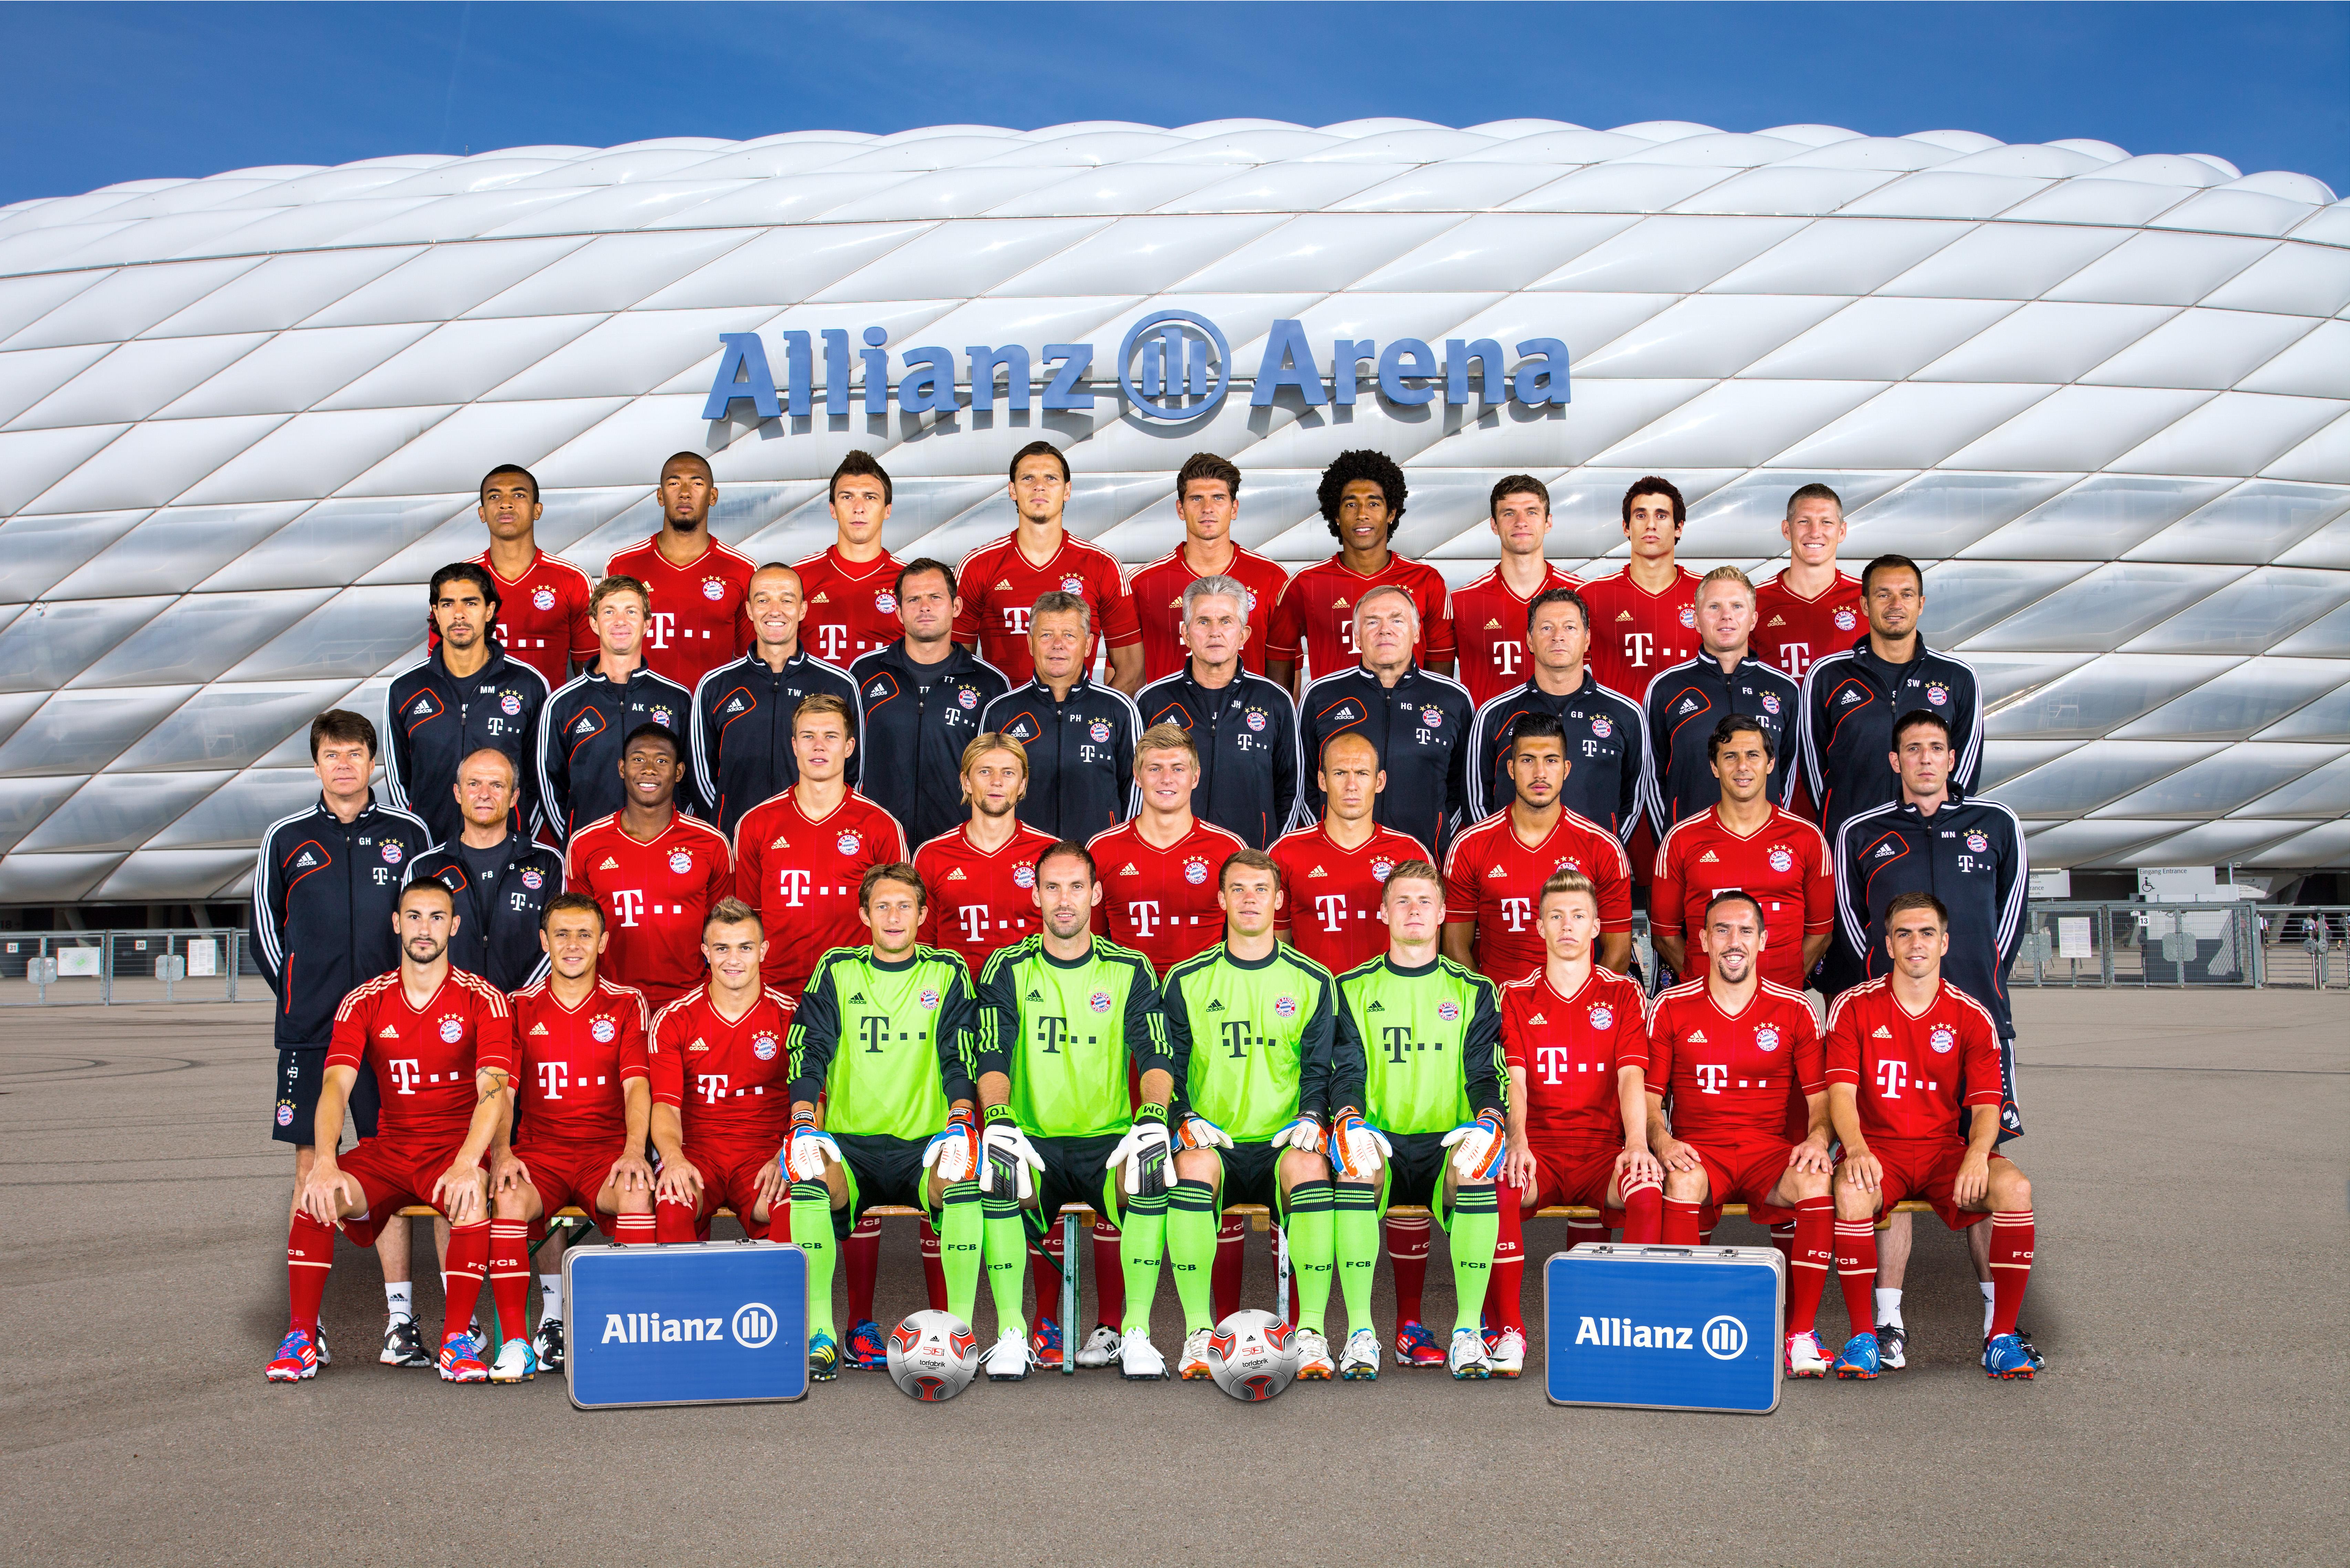 Hình nền Bayern Munich (18) - hình nền bóng đá - hình nền ...